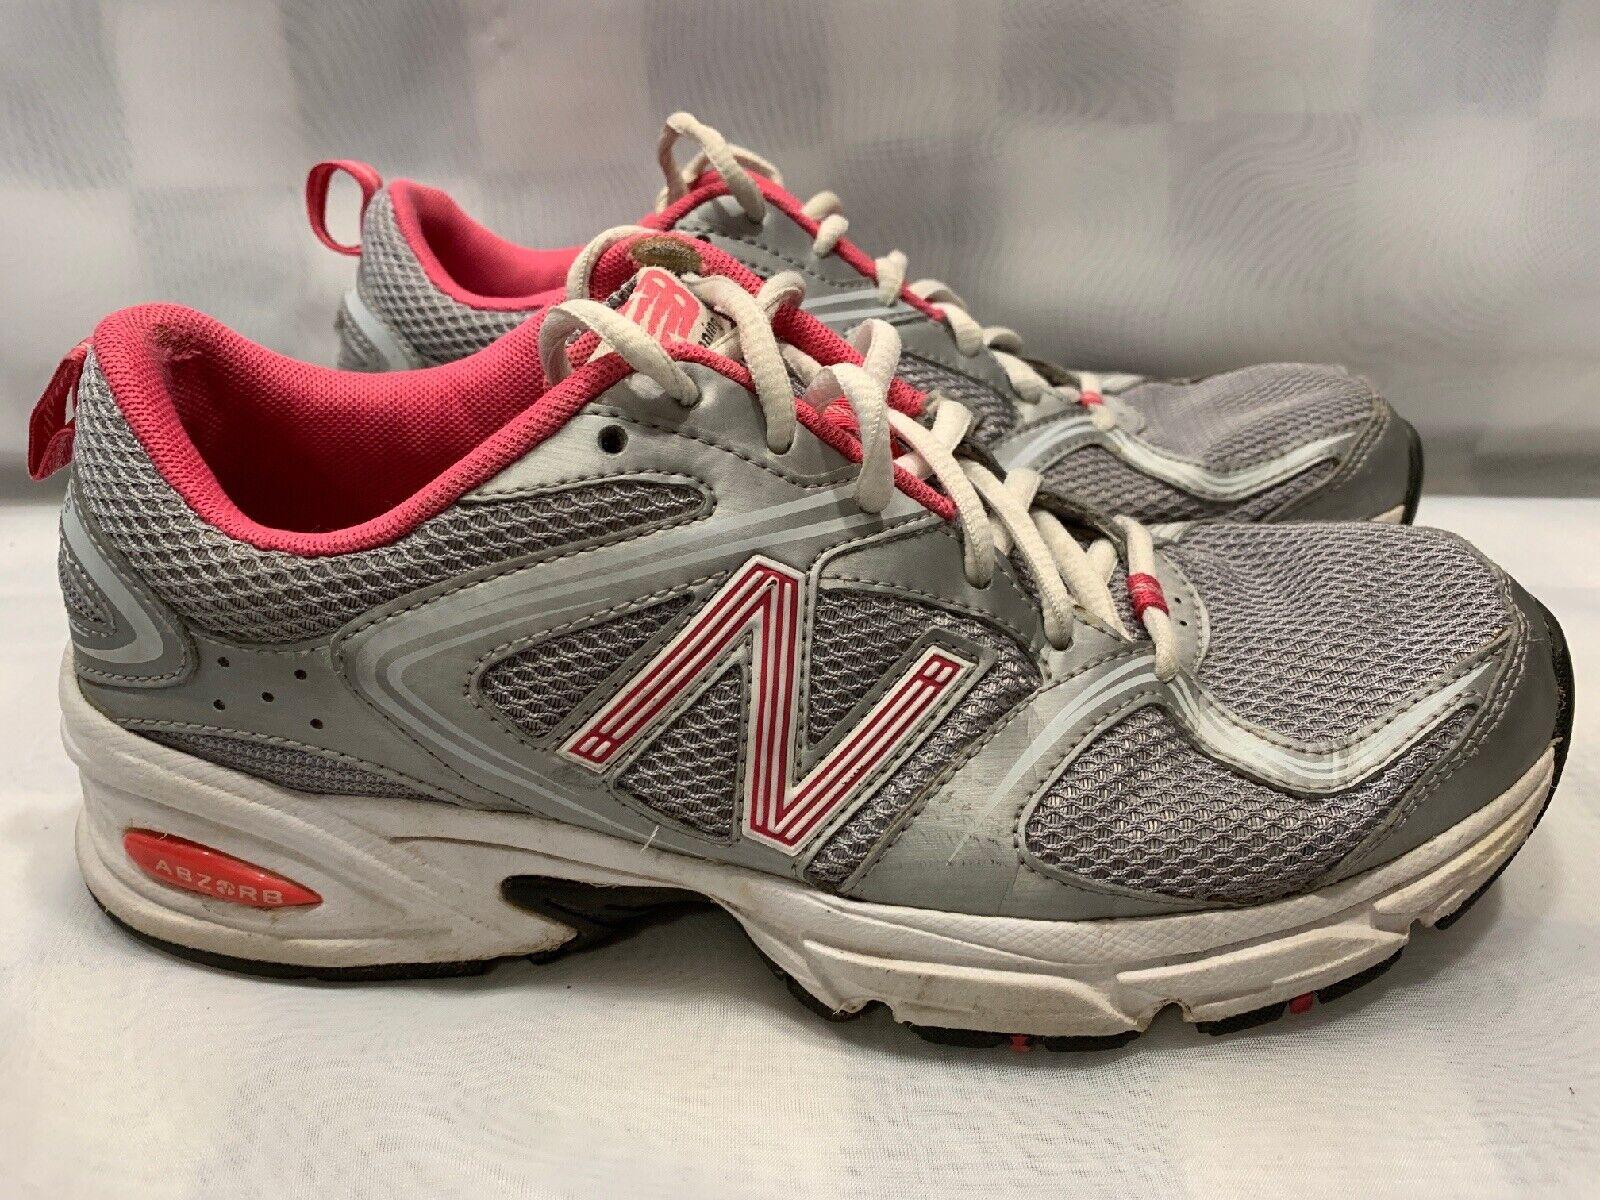 NEW BALANCE 540 Running Women's Shoes Size 8.5 Silver… - Gem